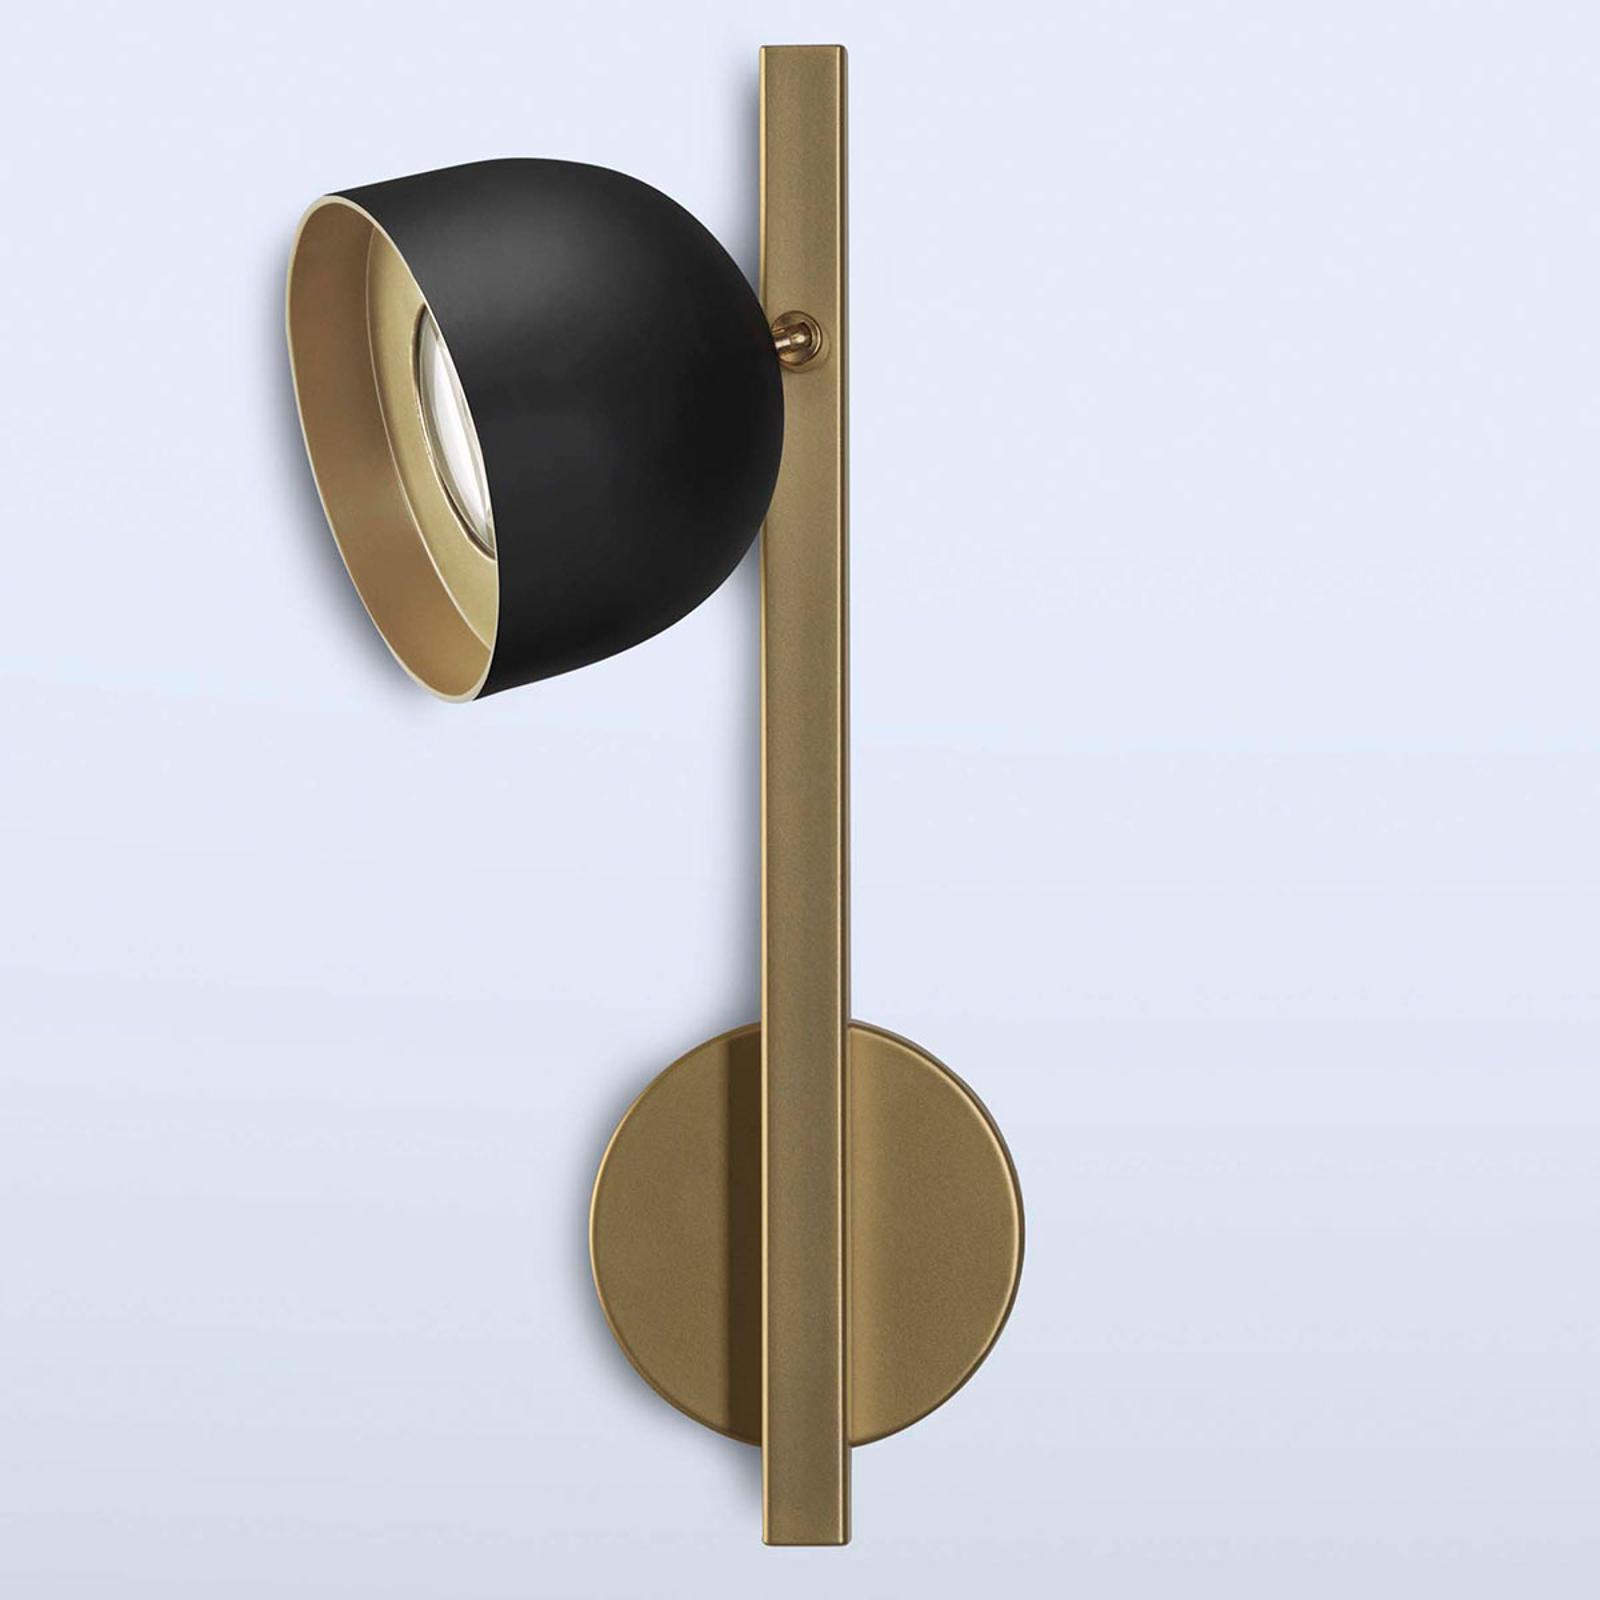 Dome LED-væglampe med lige stel, sort